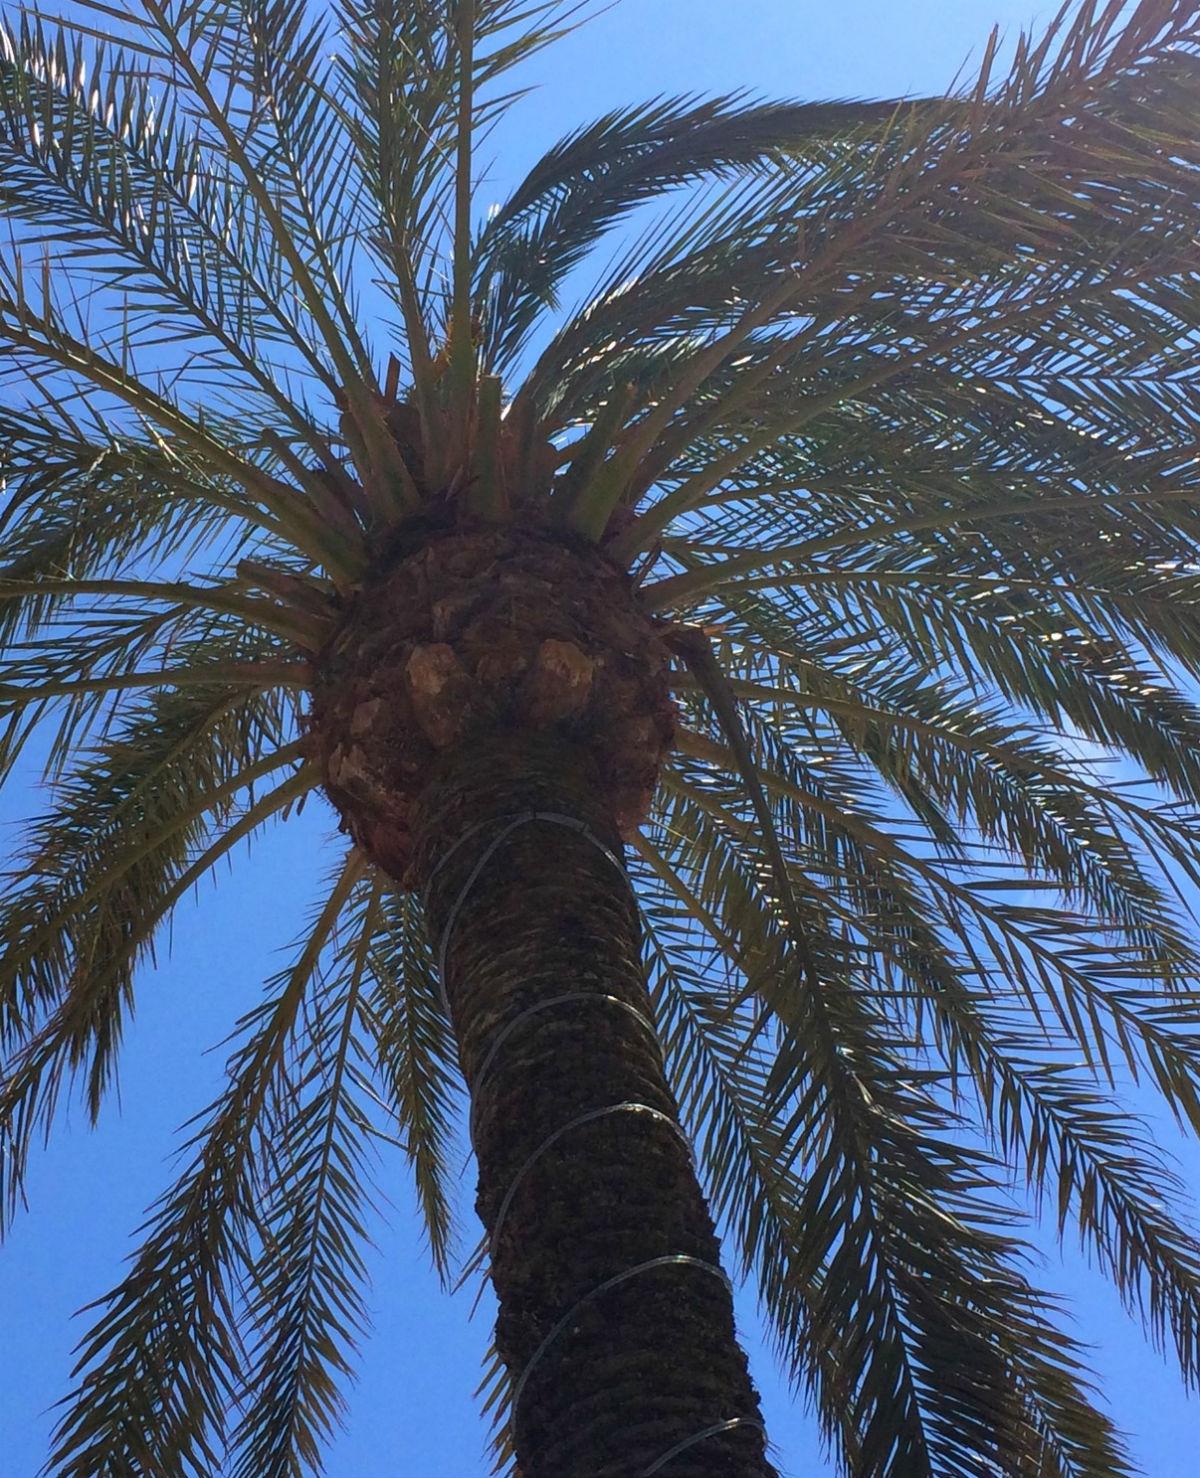 Denise blogt: Tips voor trips in de herfstvakantie